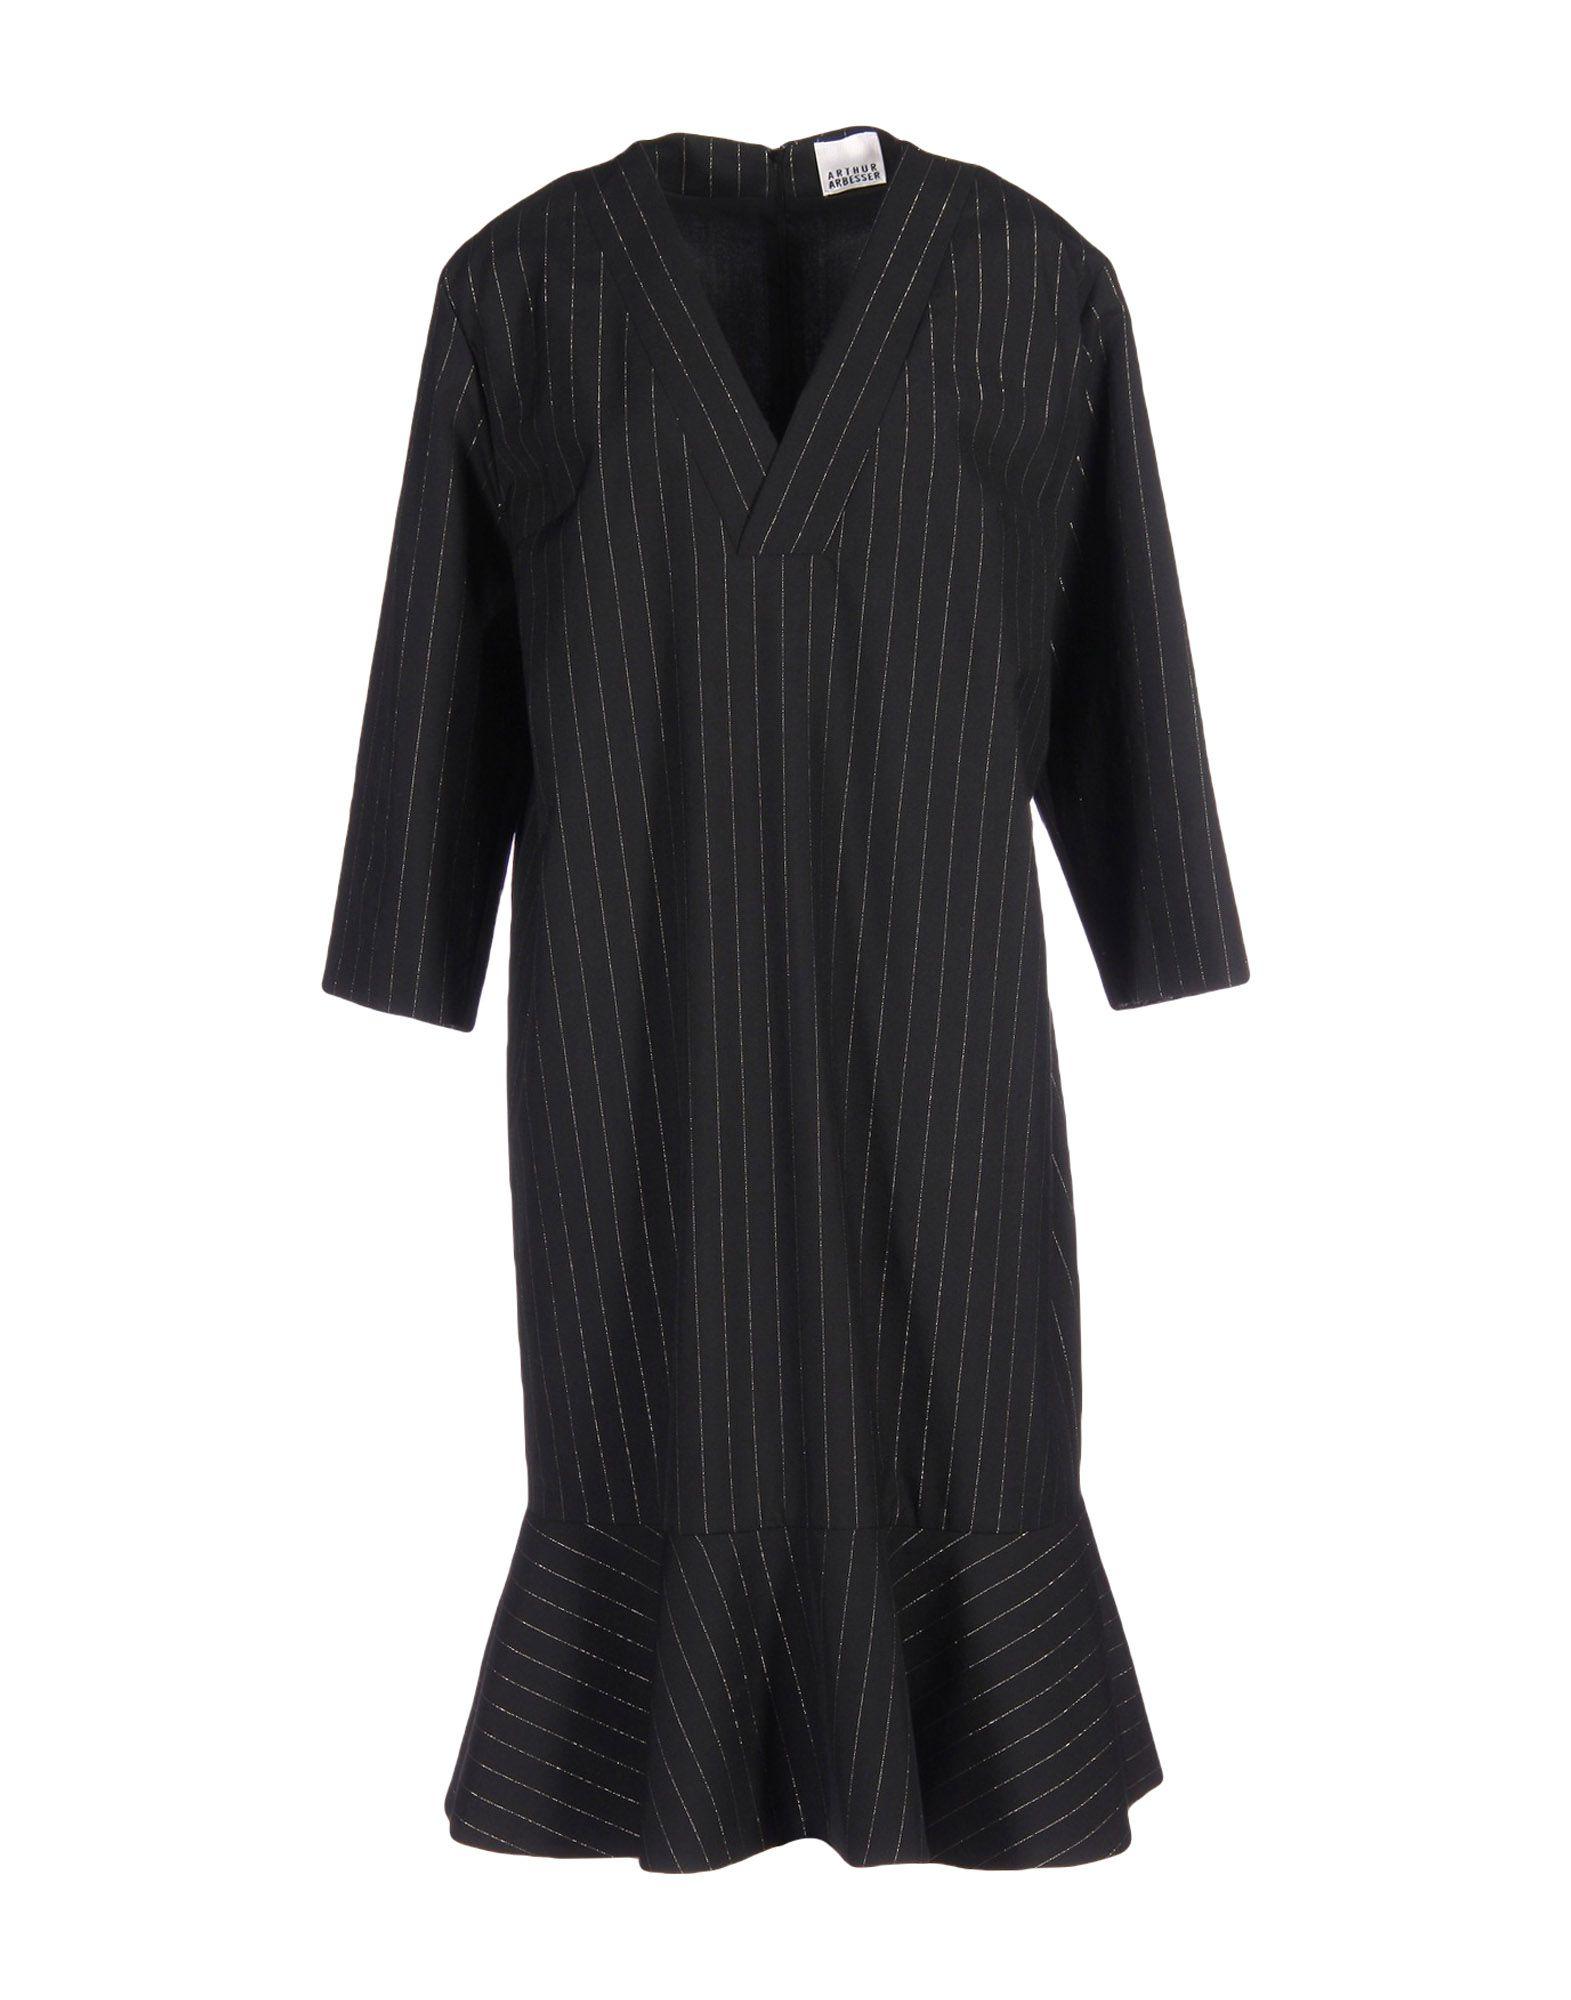 ARTHUR ARBESSER Knee-Length Dress in Black